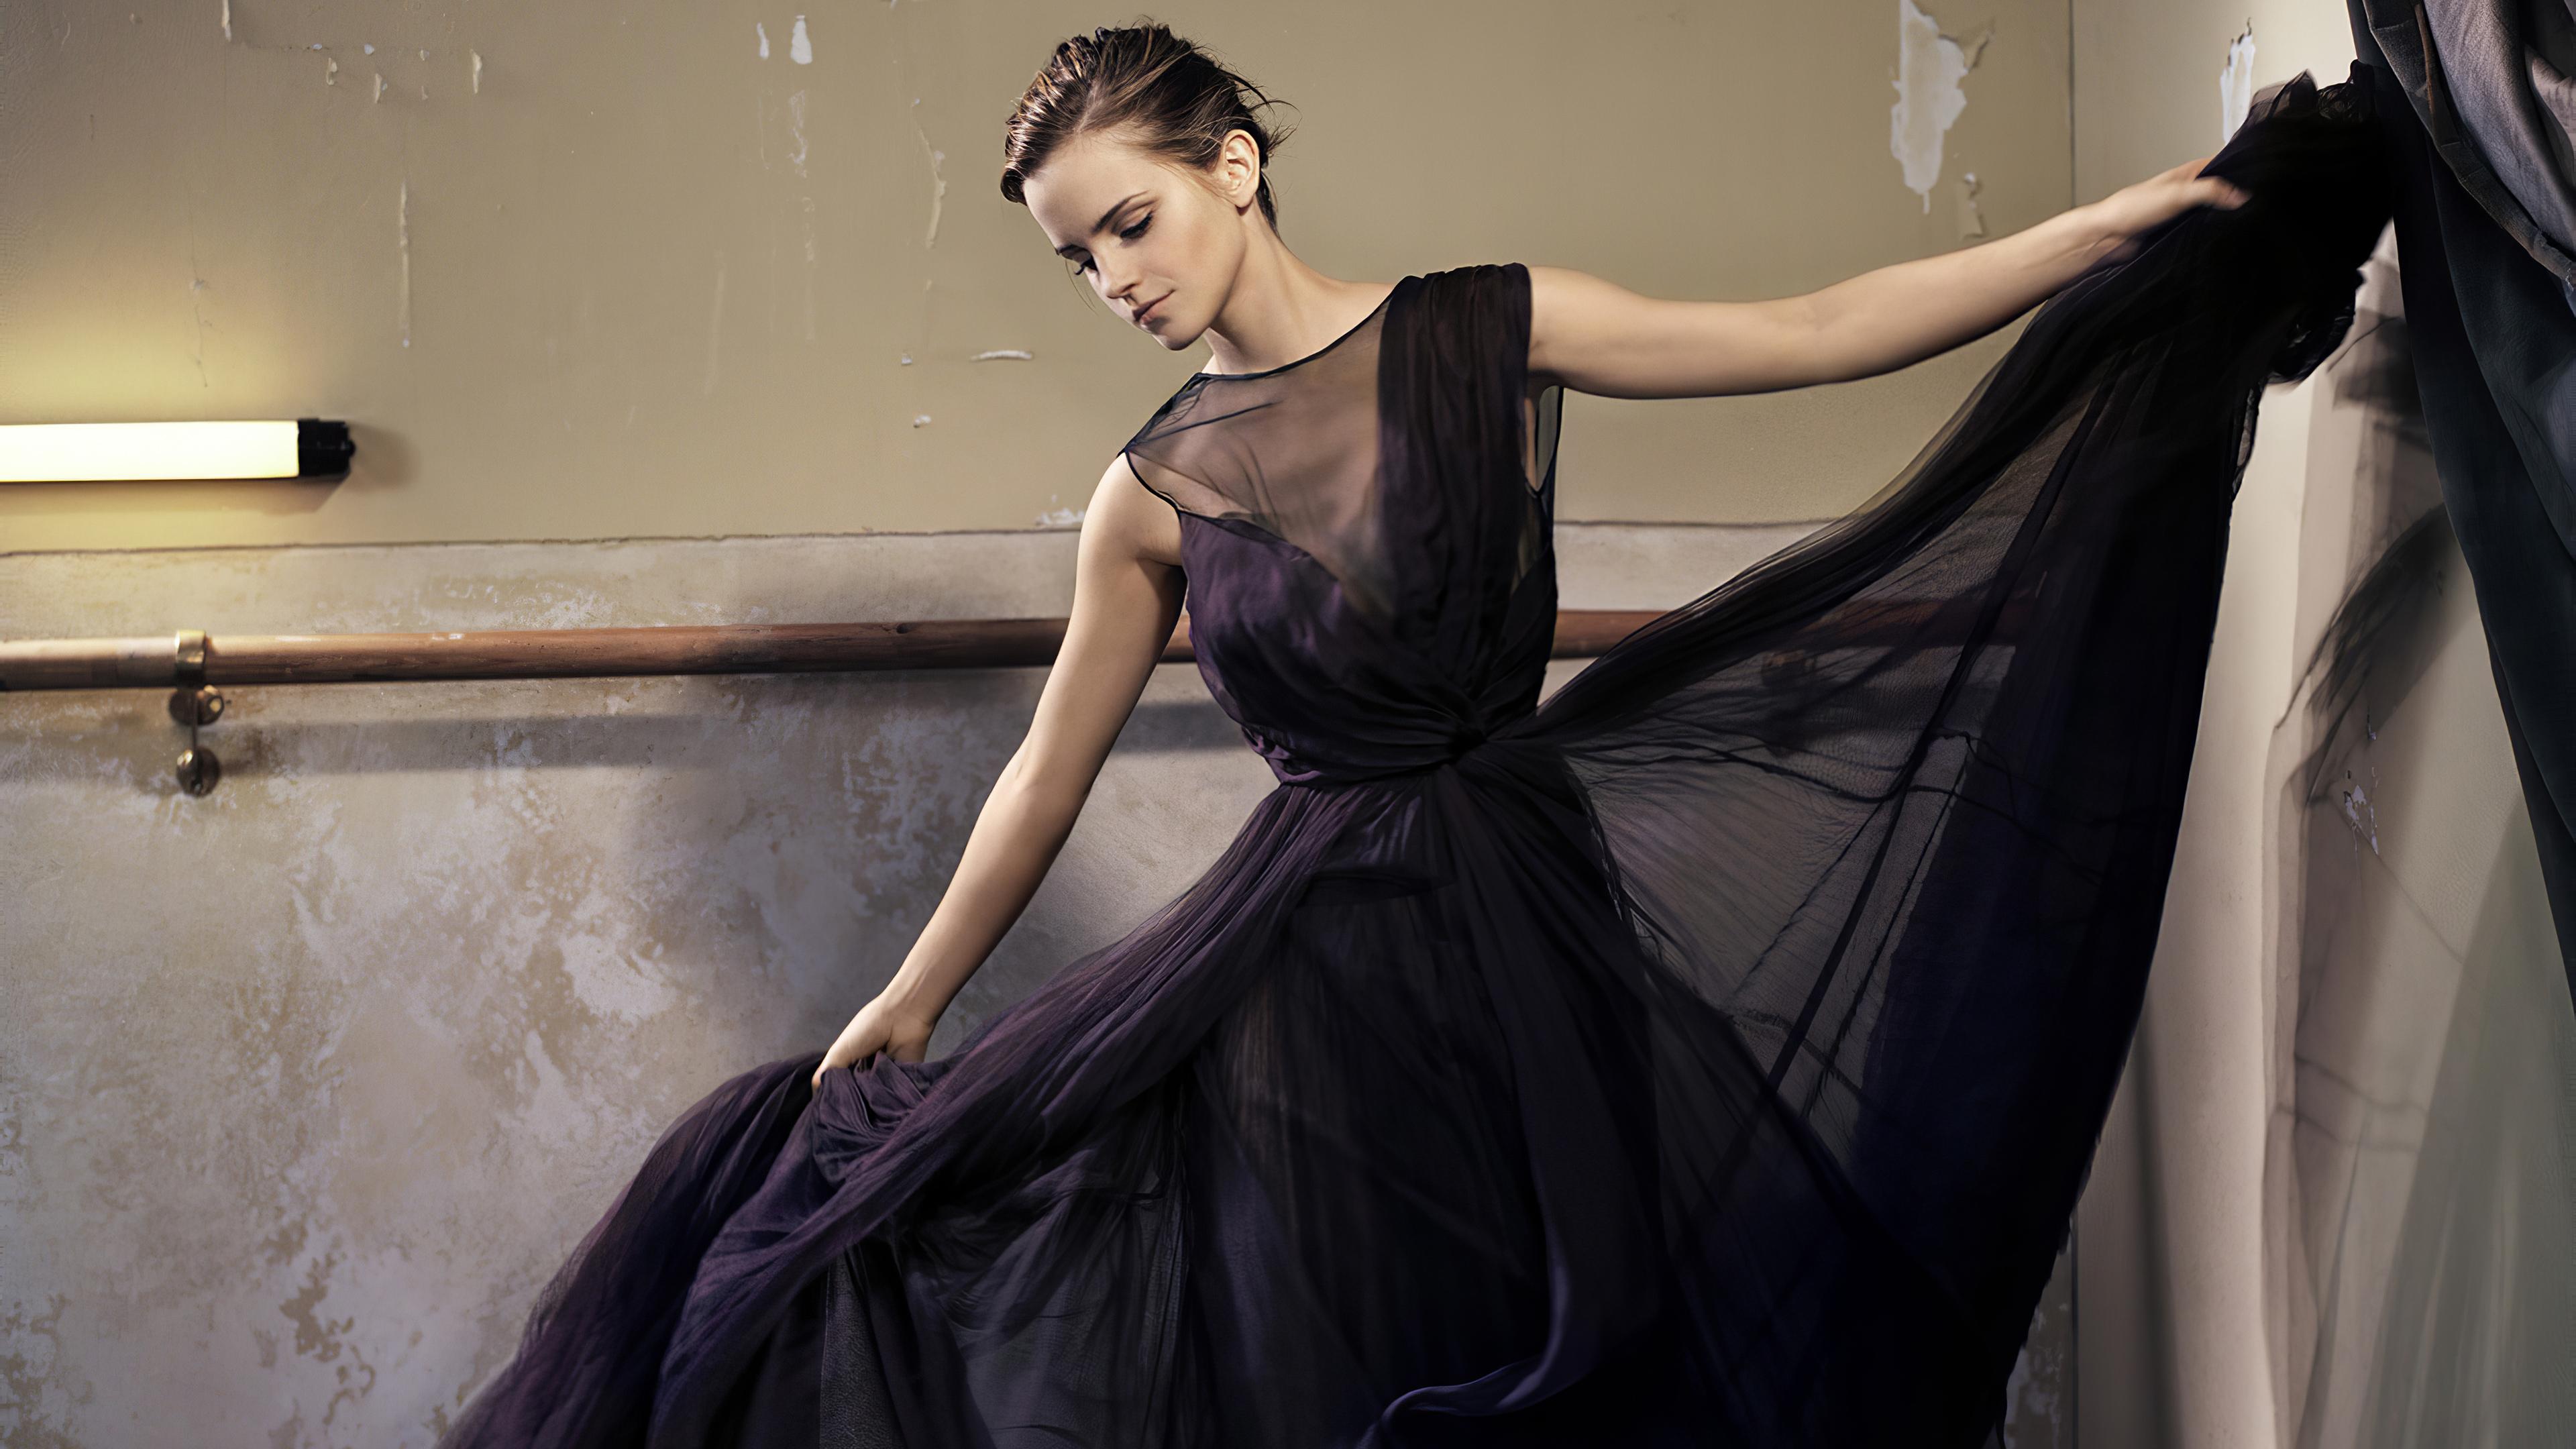 emma watson glamour 1574936804 - Emma Watson Glamour -